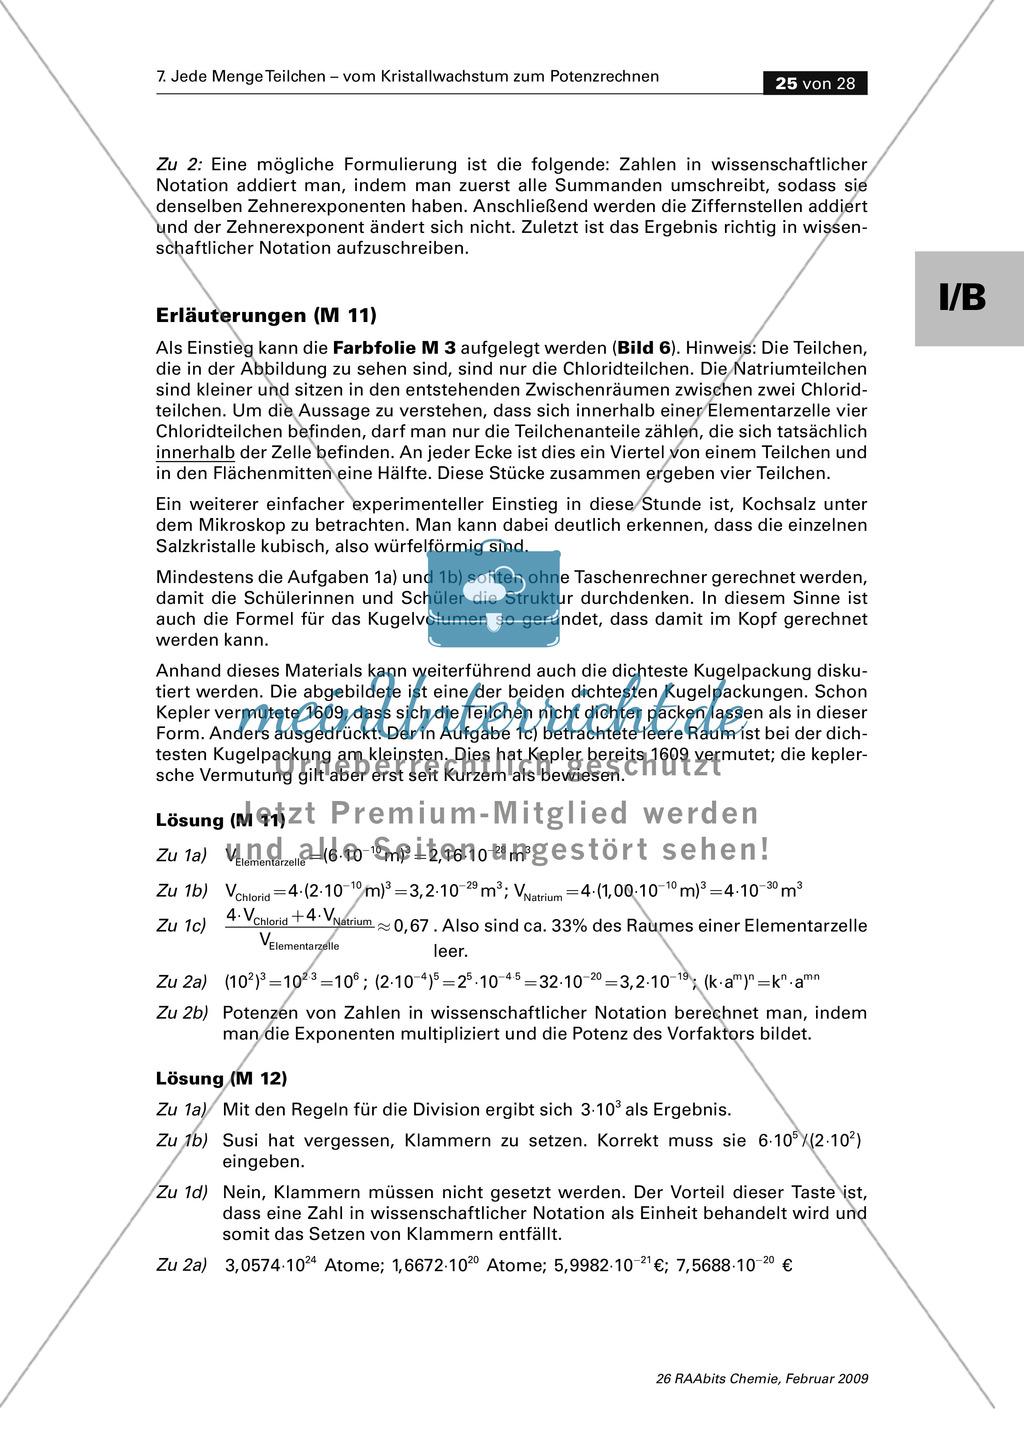 Rechnen mit Mol und Gramm - Einführung der molaren Masse mit Übungen und Berechnung der Kosten eines Platinatoms Preview 3